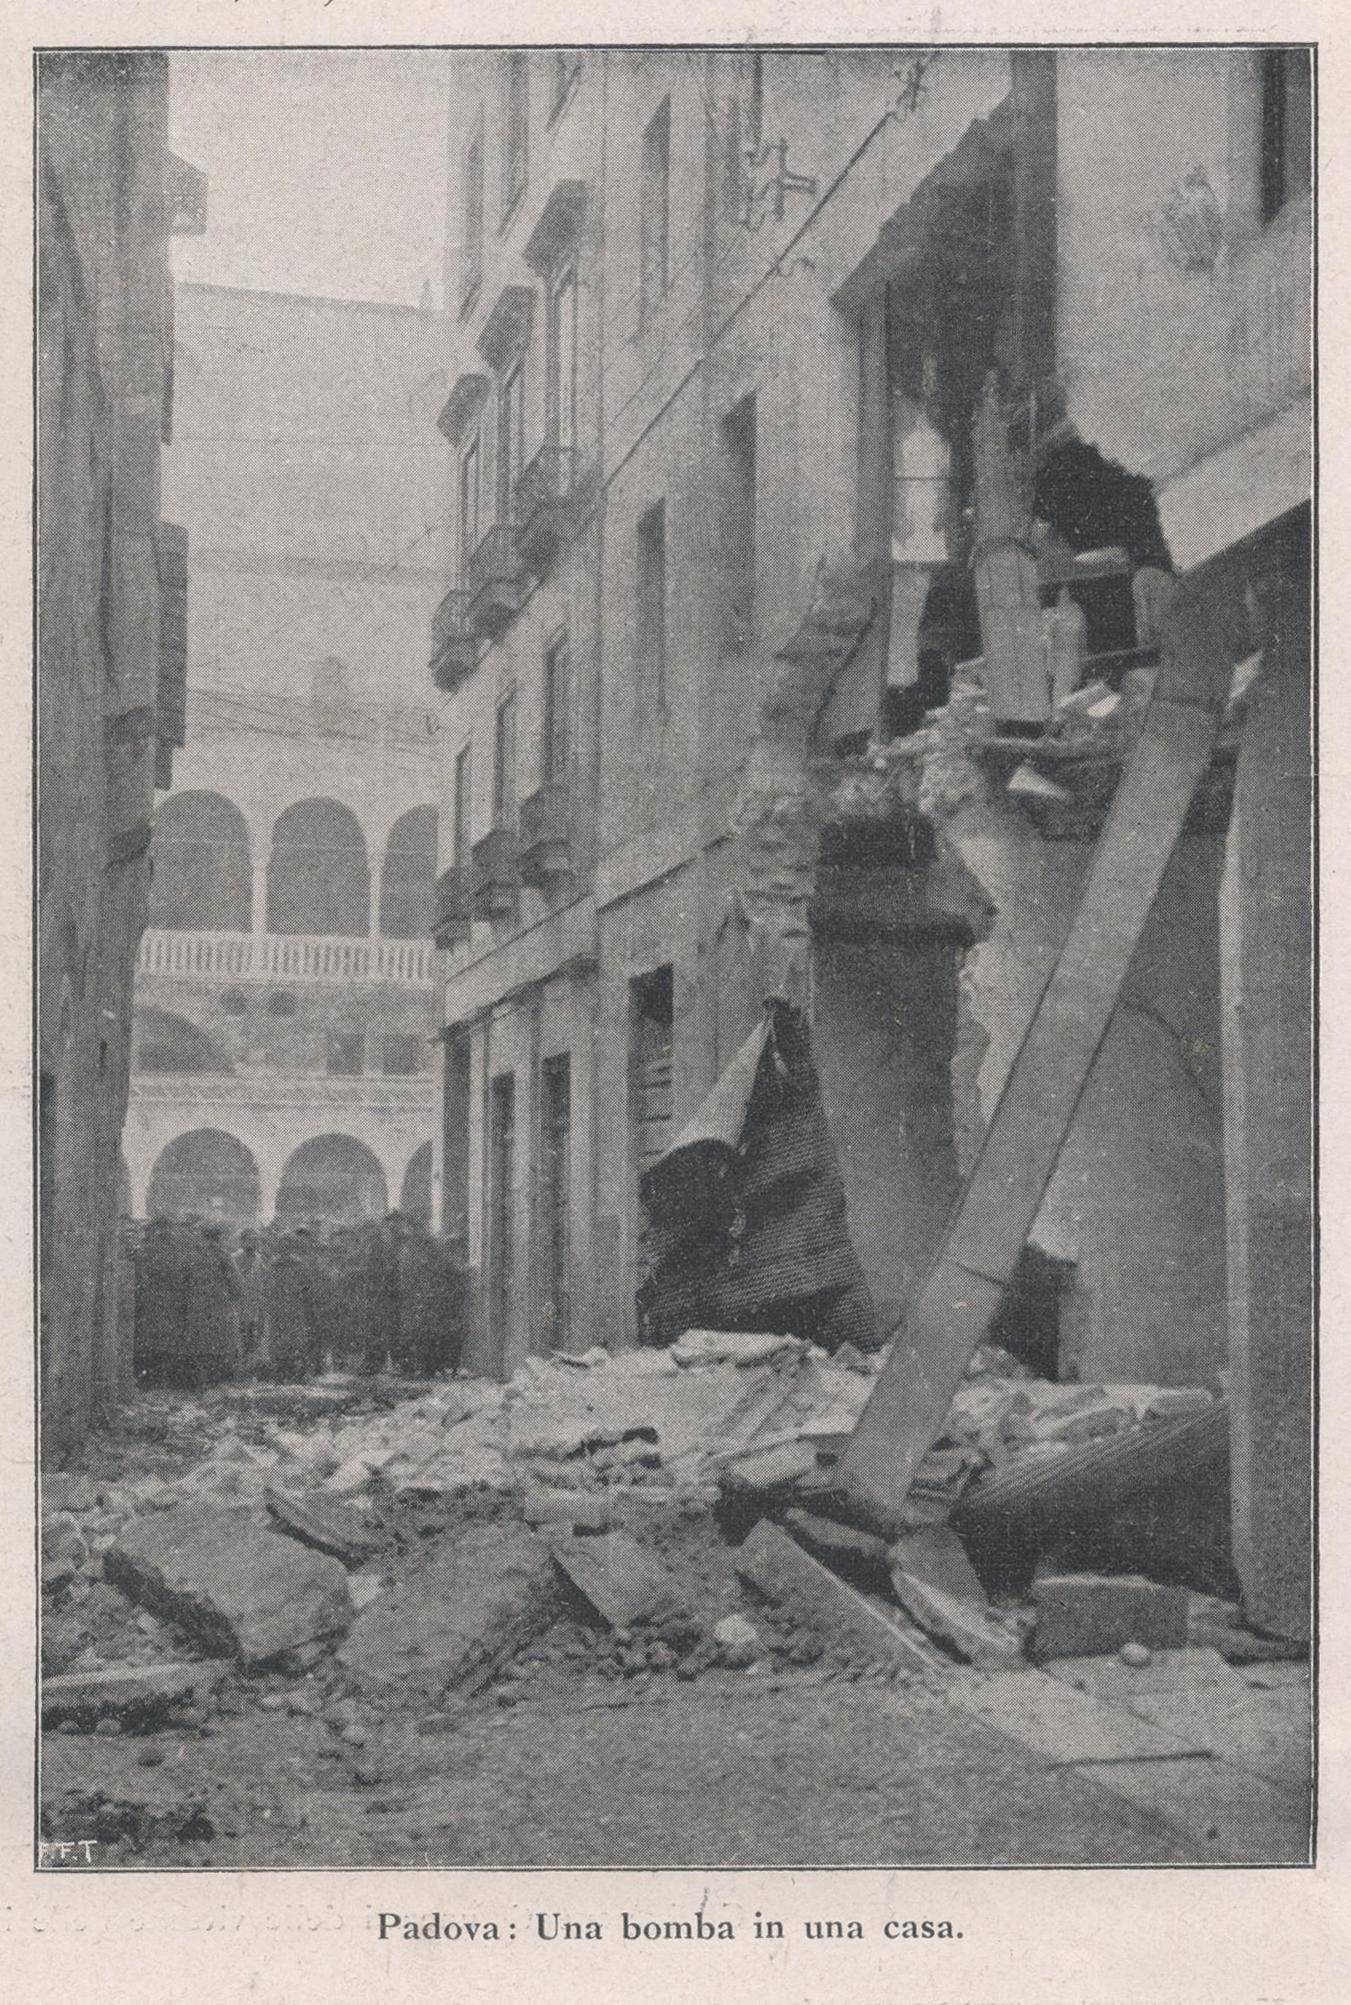 138 sett 1918 Padova bomb 001tagl